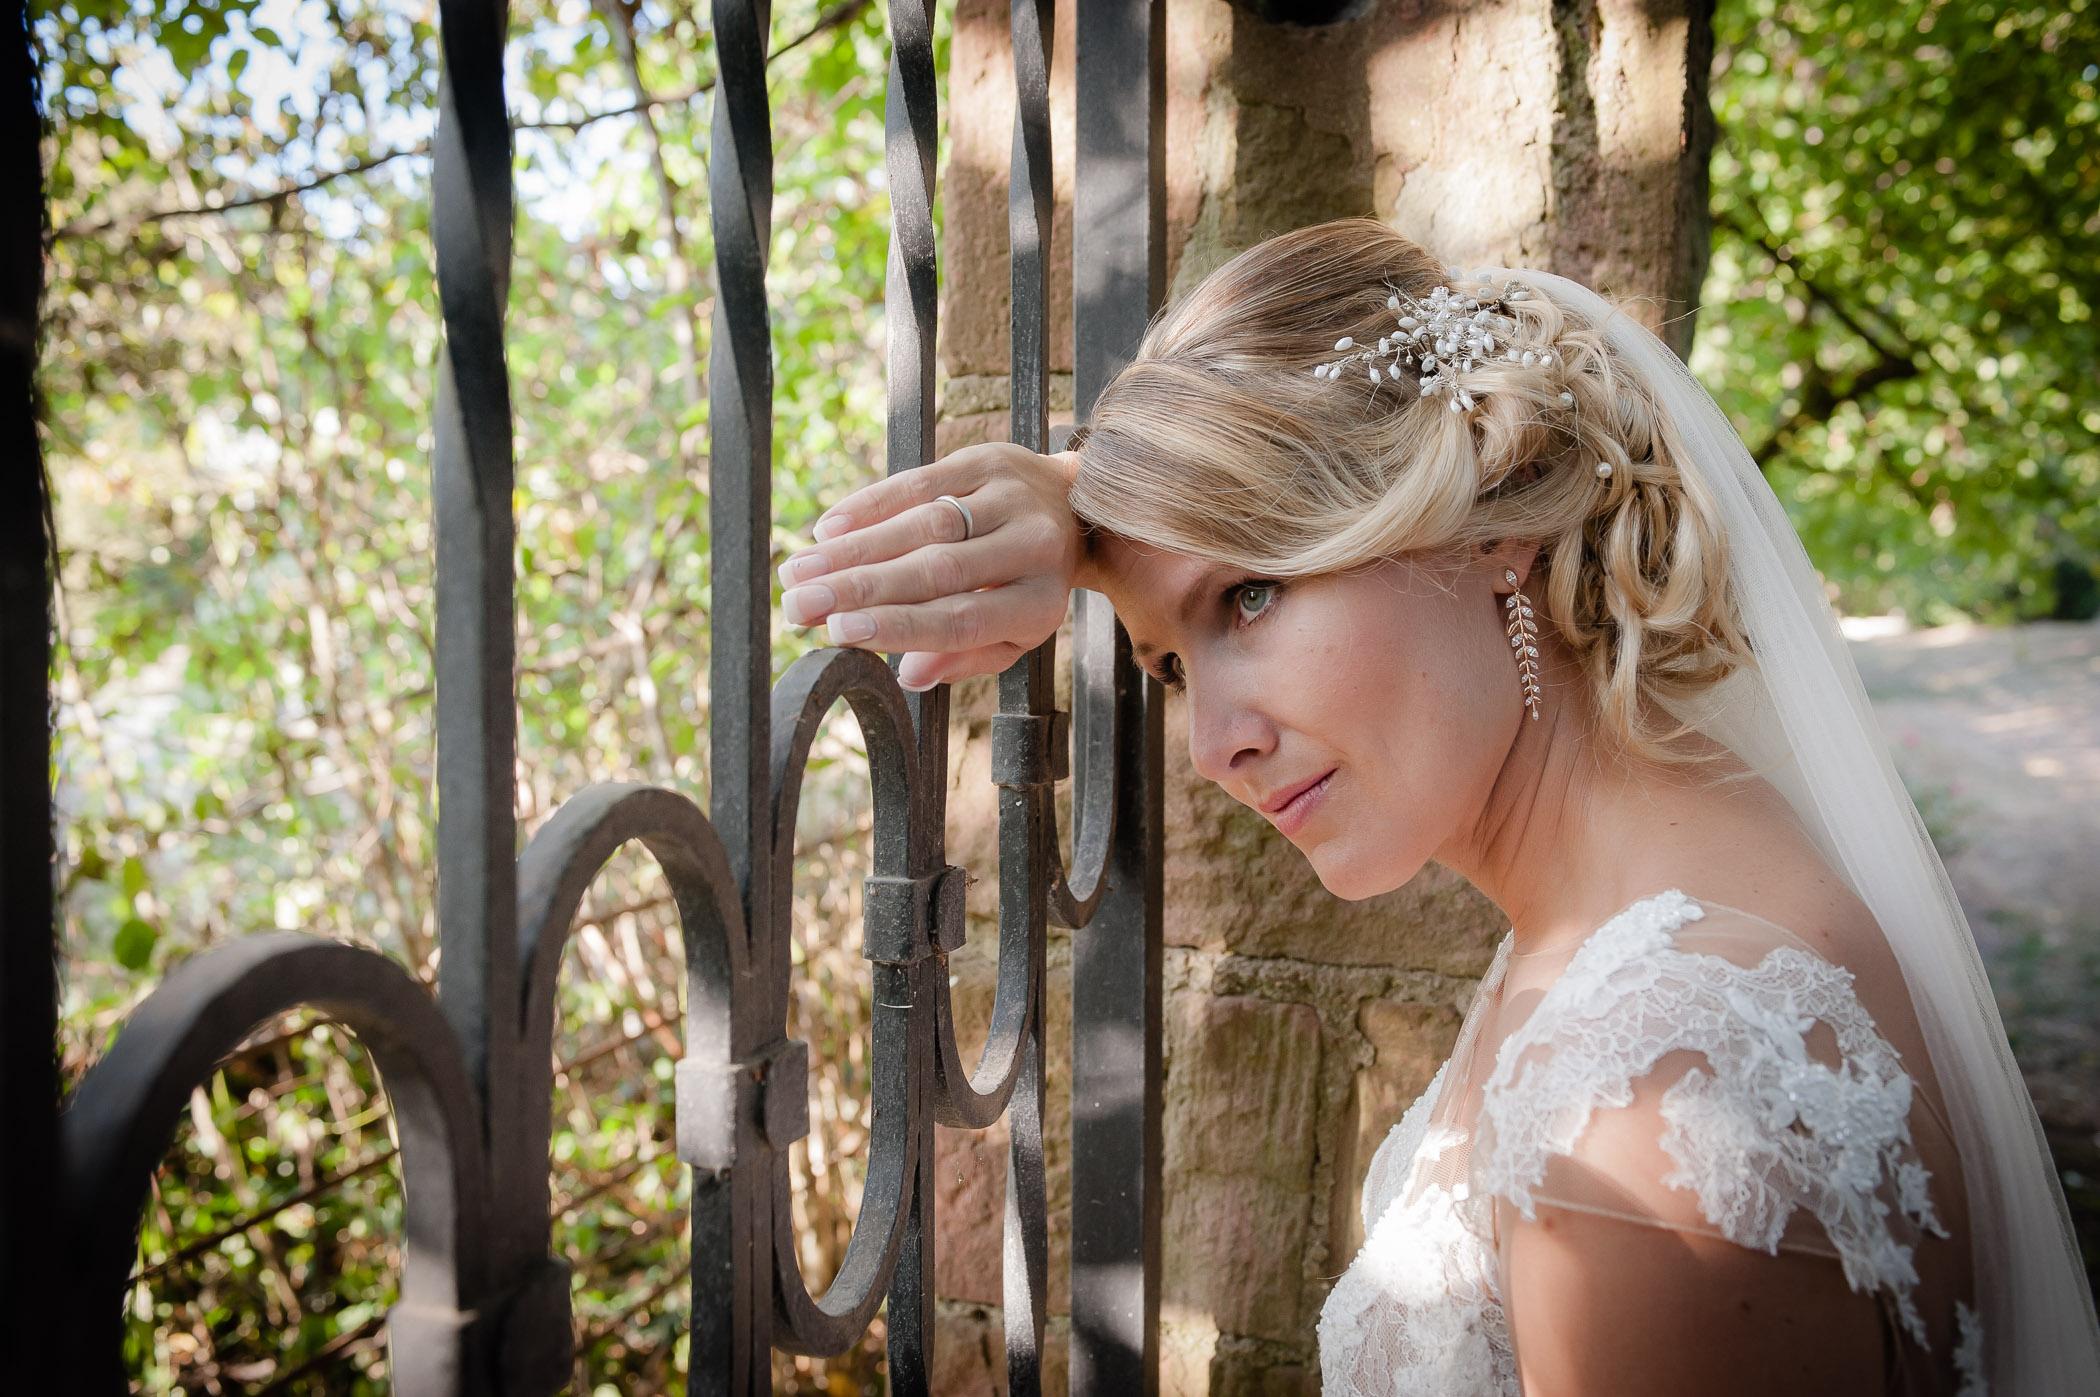 Hochzeit M J 2018 222425 - Strickroth & Fiege Fotografie